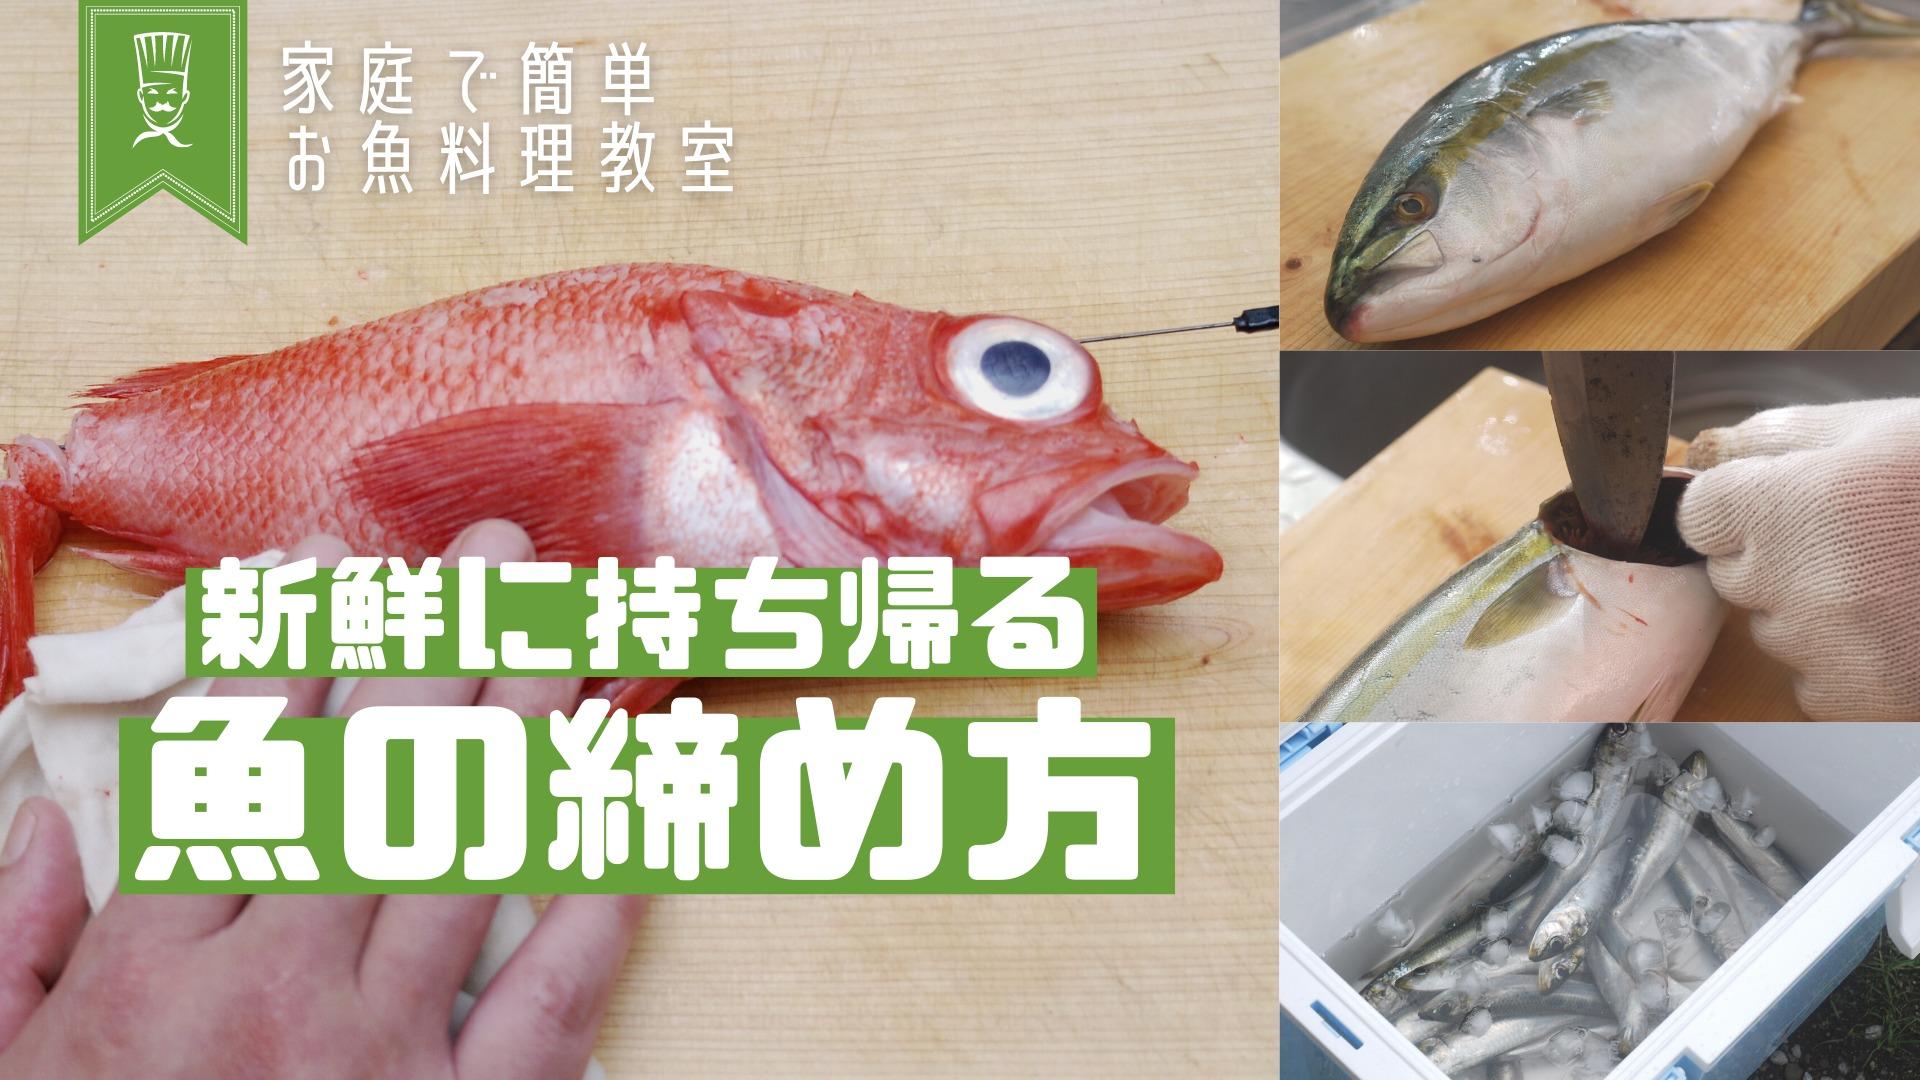 魚を締めるサムネ